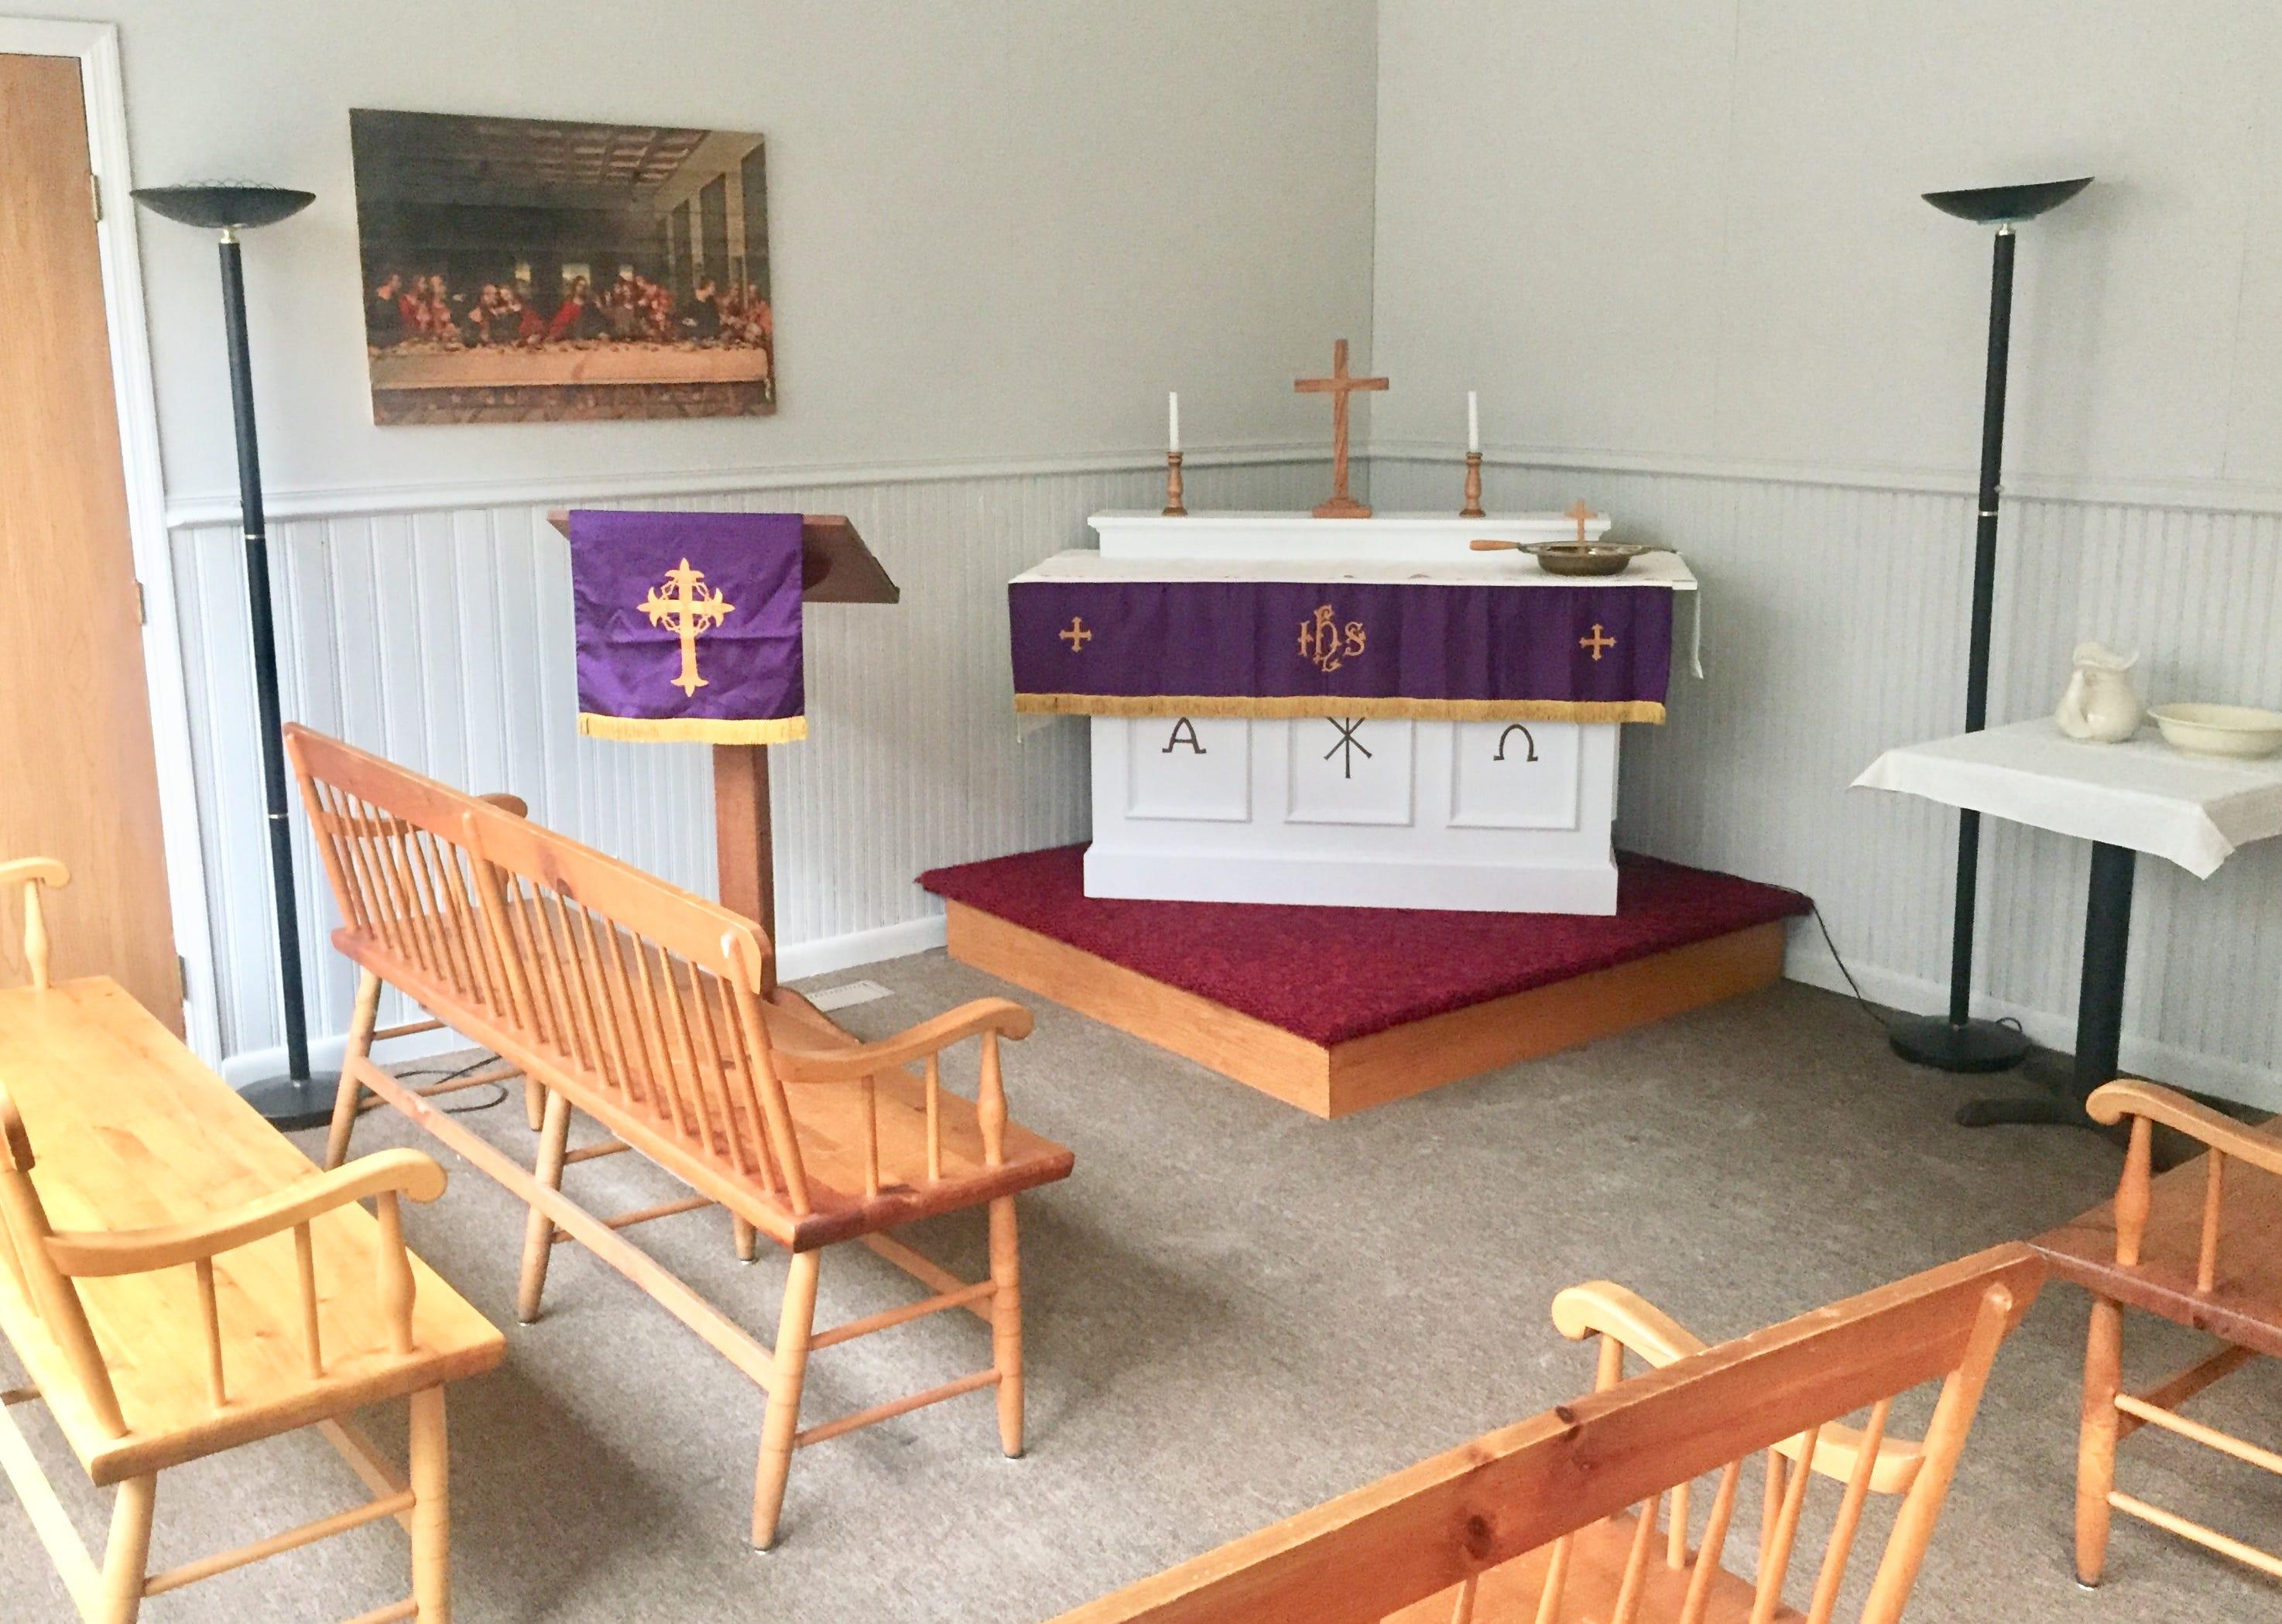 & New Hope Lutheran Church opens Hopeu0027s Door in Arcade